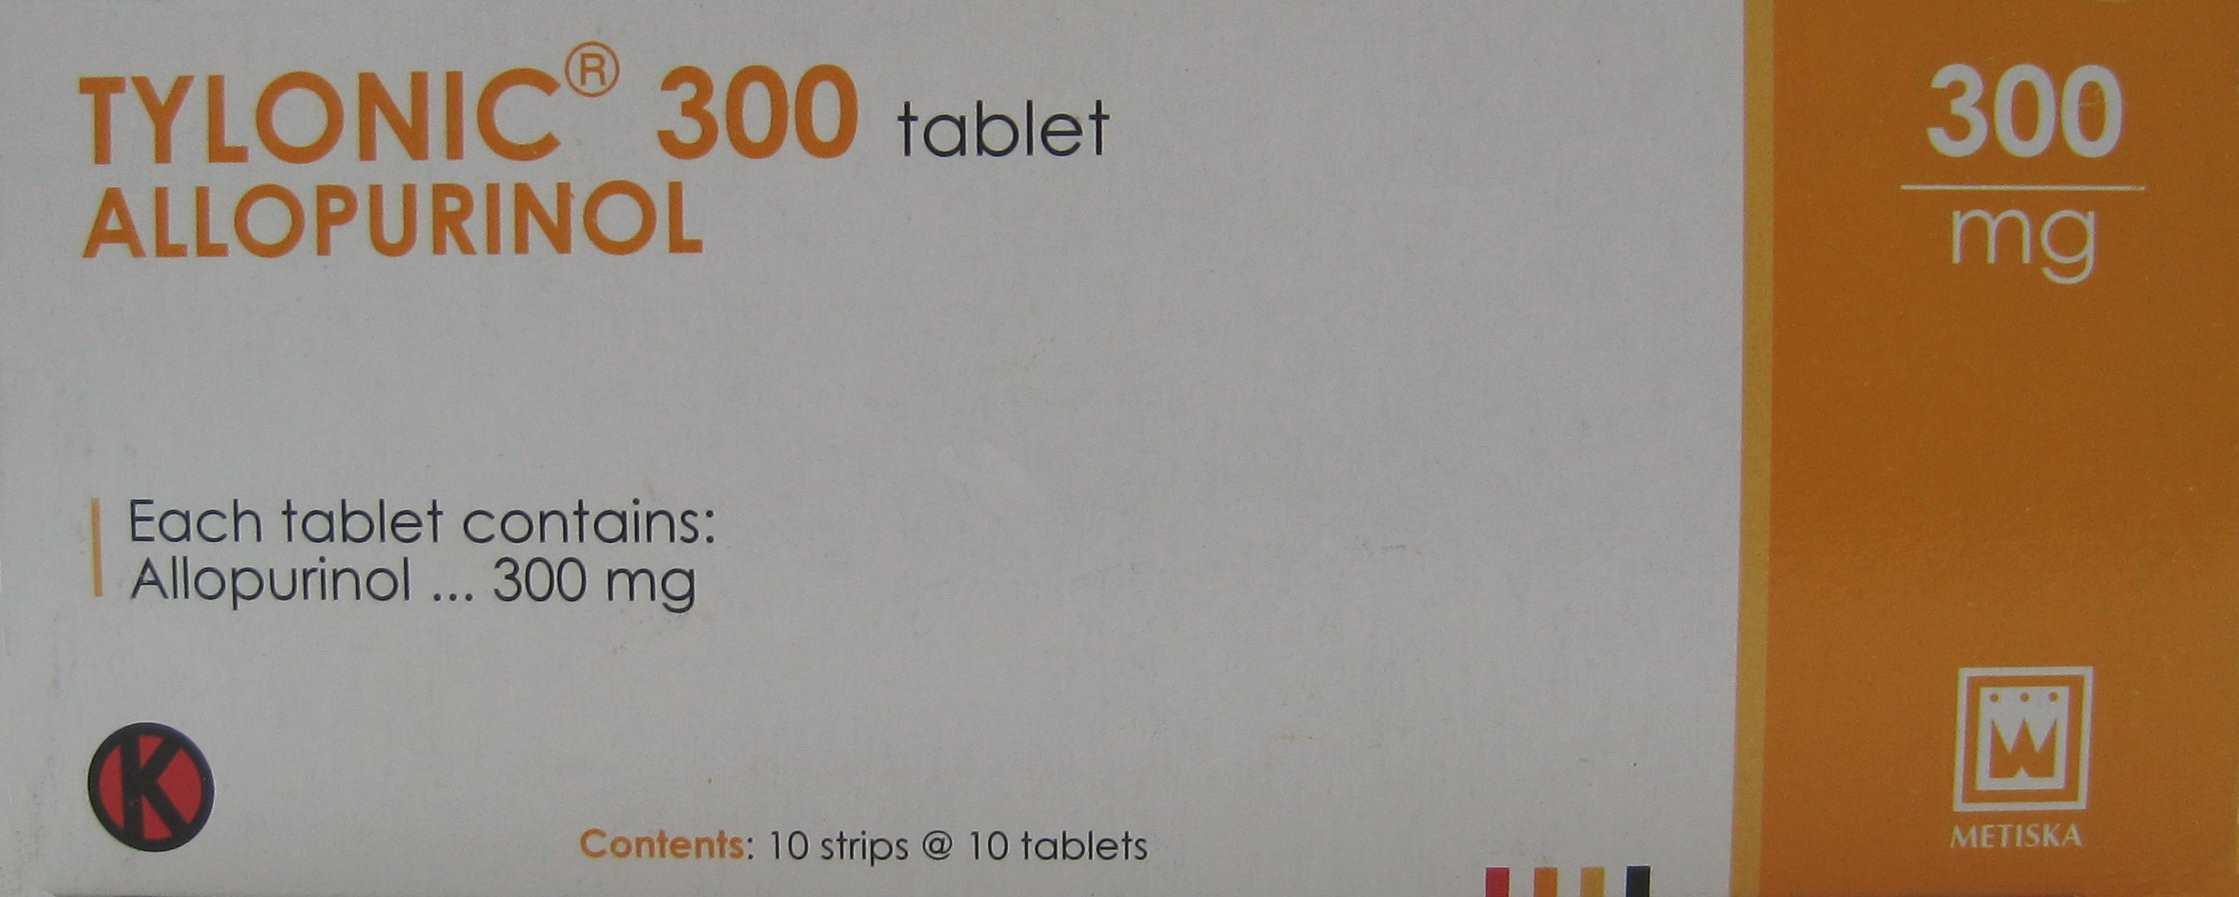 TYLONIC 300 MG 10 TABLET